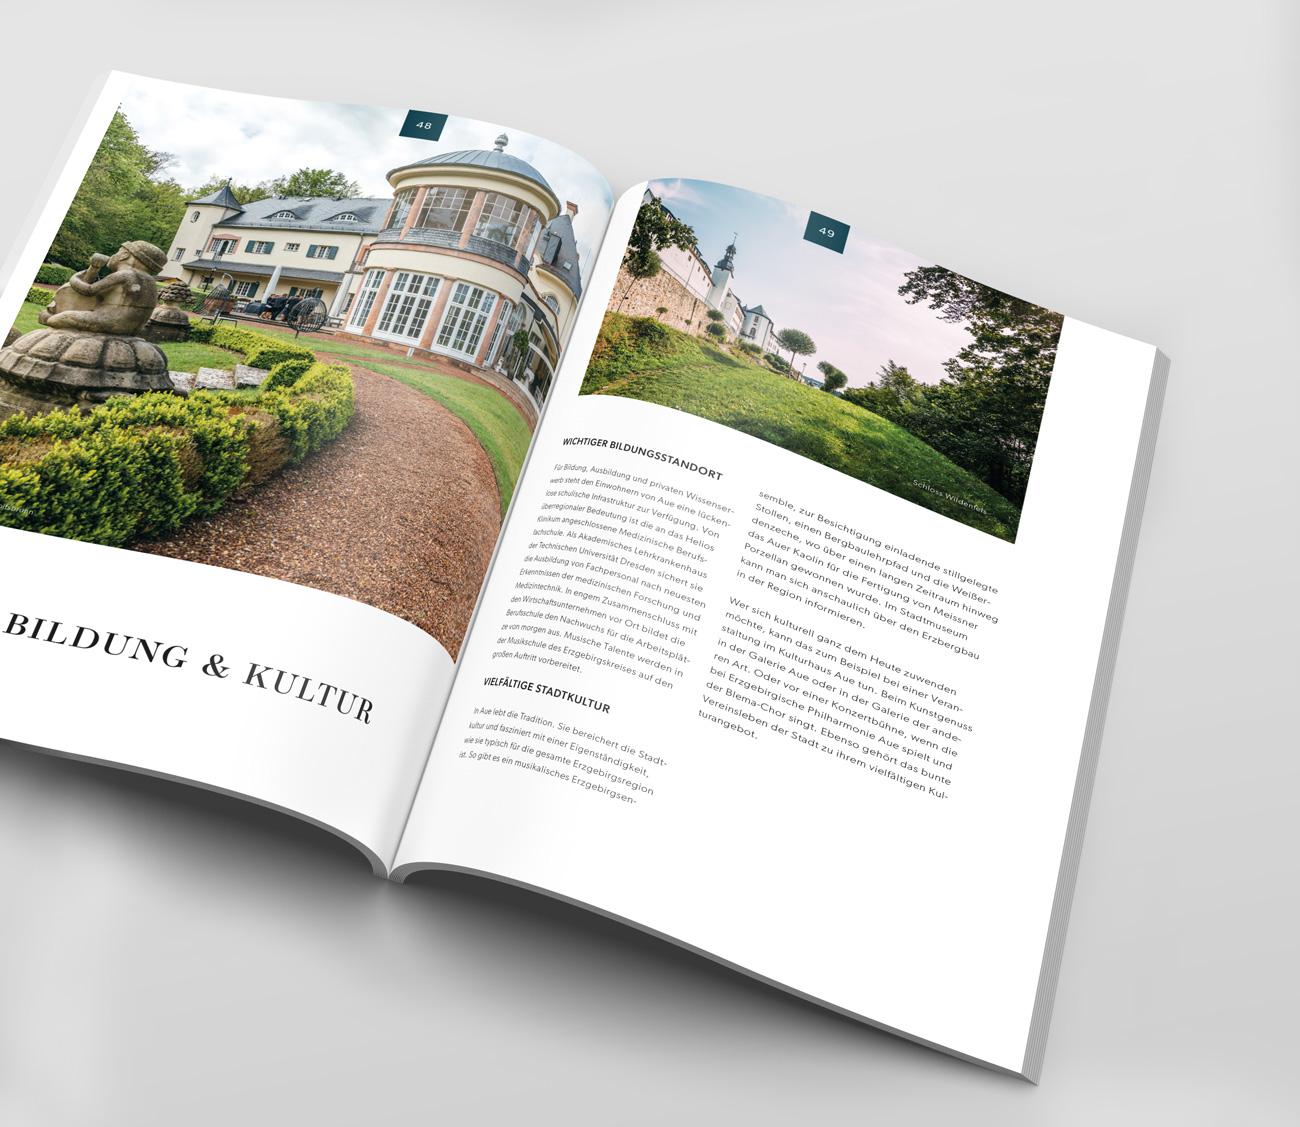 Goethepalais-Doppelseite-Bildung-und-Kultur